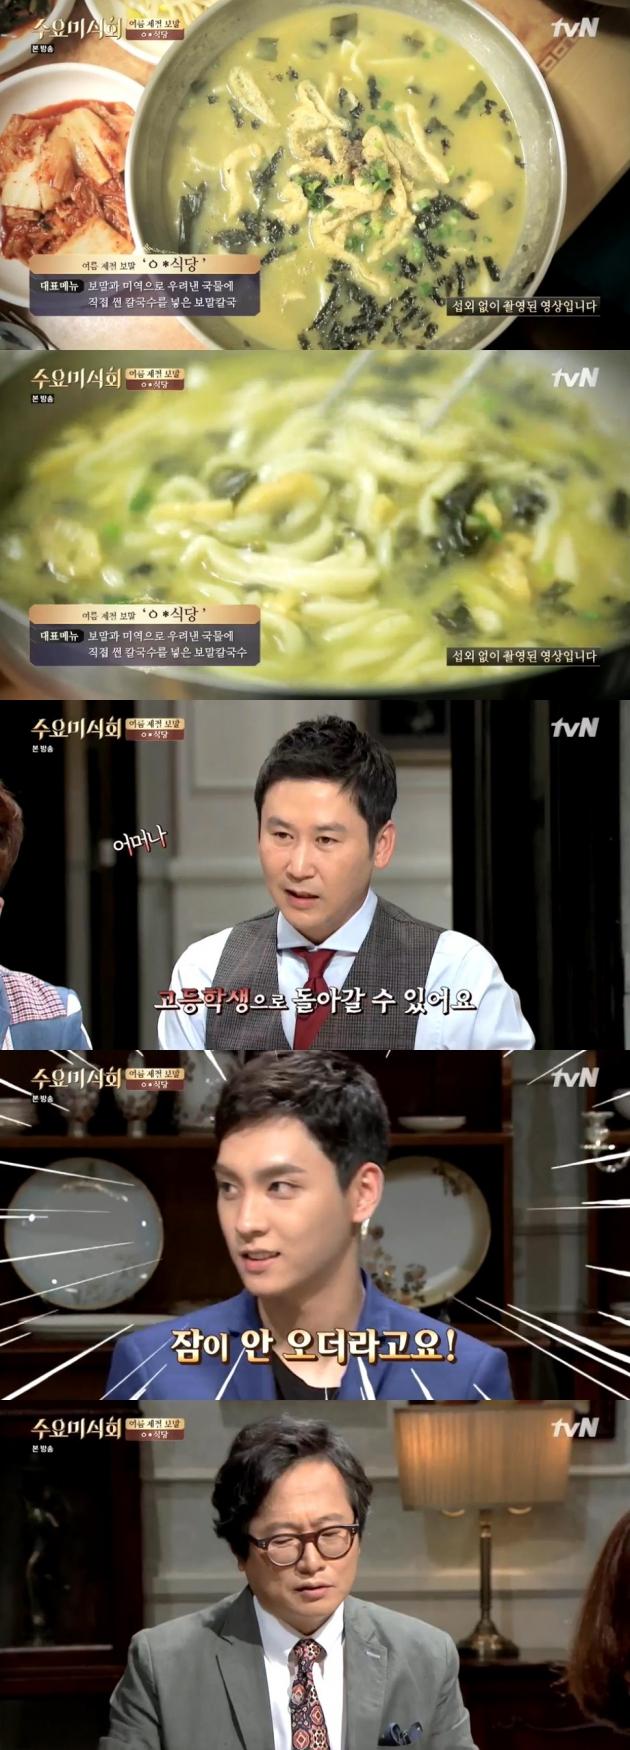 수요미식회 옥돔식당 / 수요미식회 옥돔식당 사진=tvN 방송 캡처